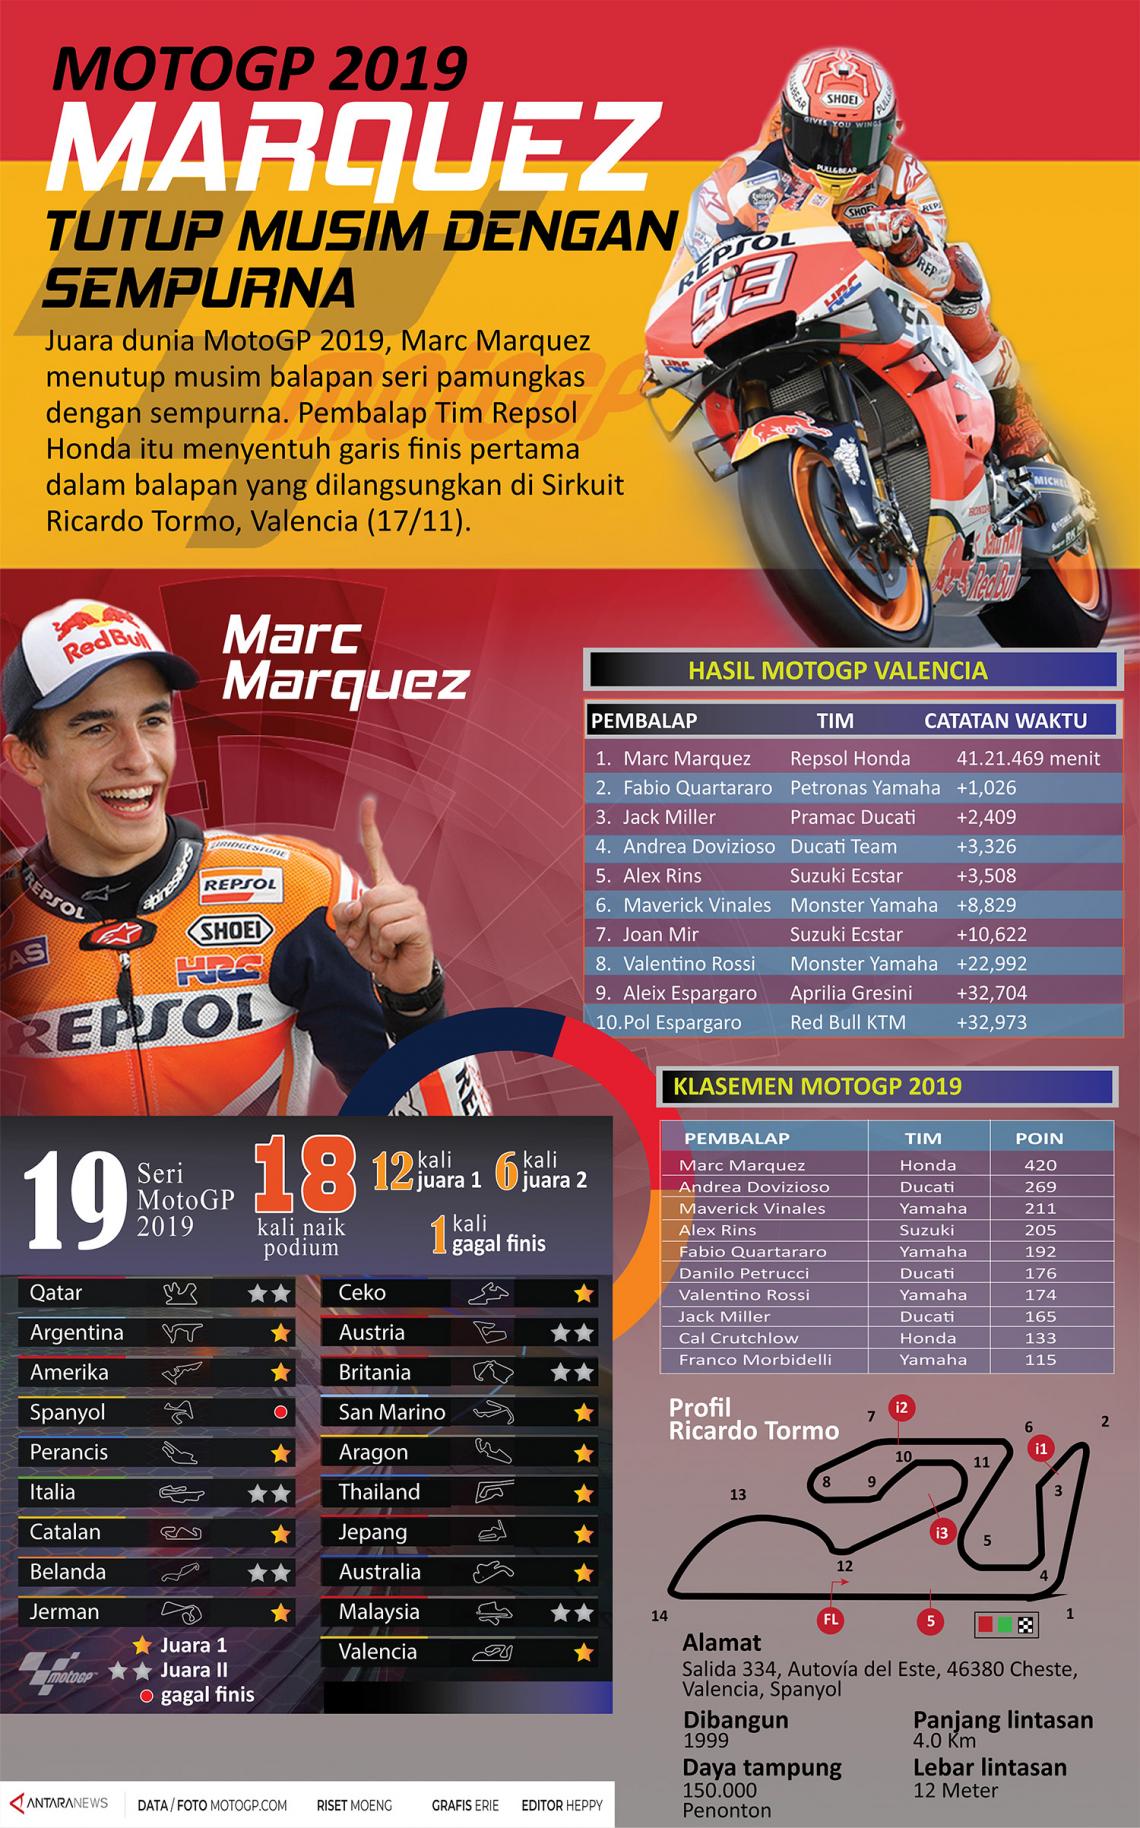 MotoGP 2019, Marquez tutup musim dengan sempurna